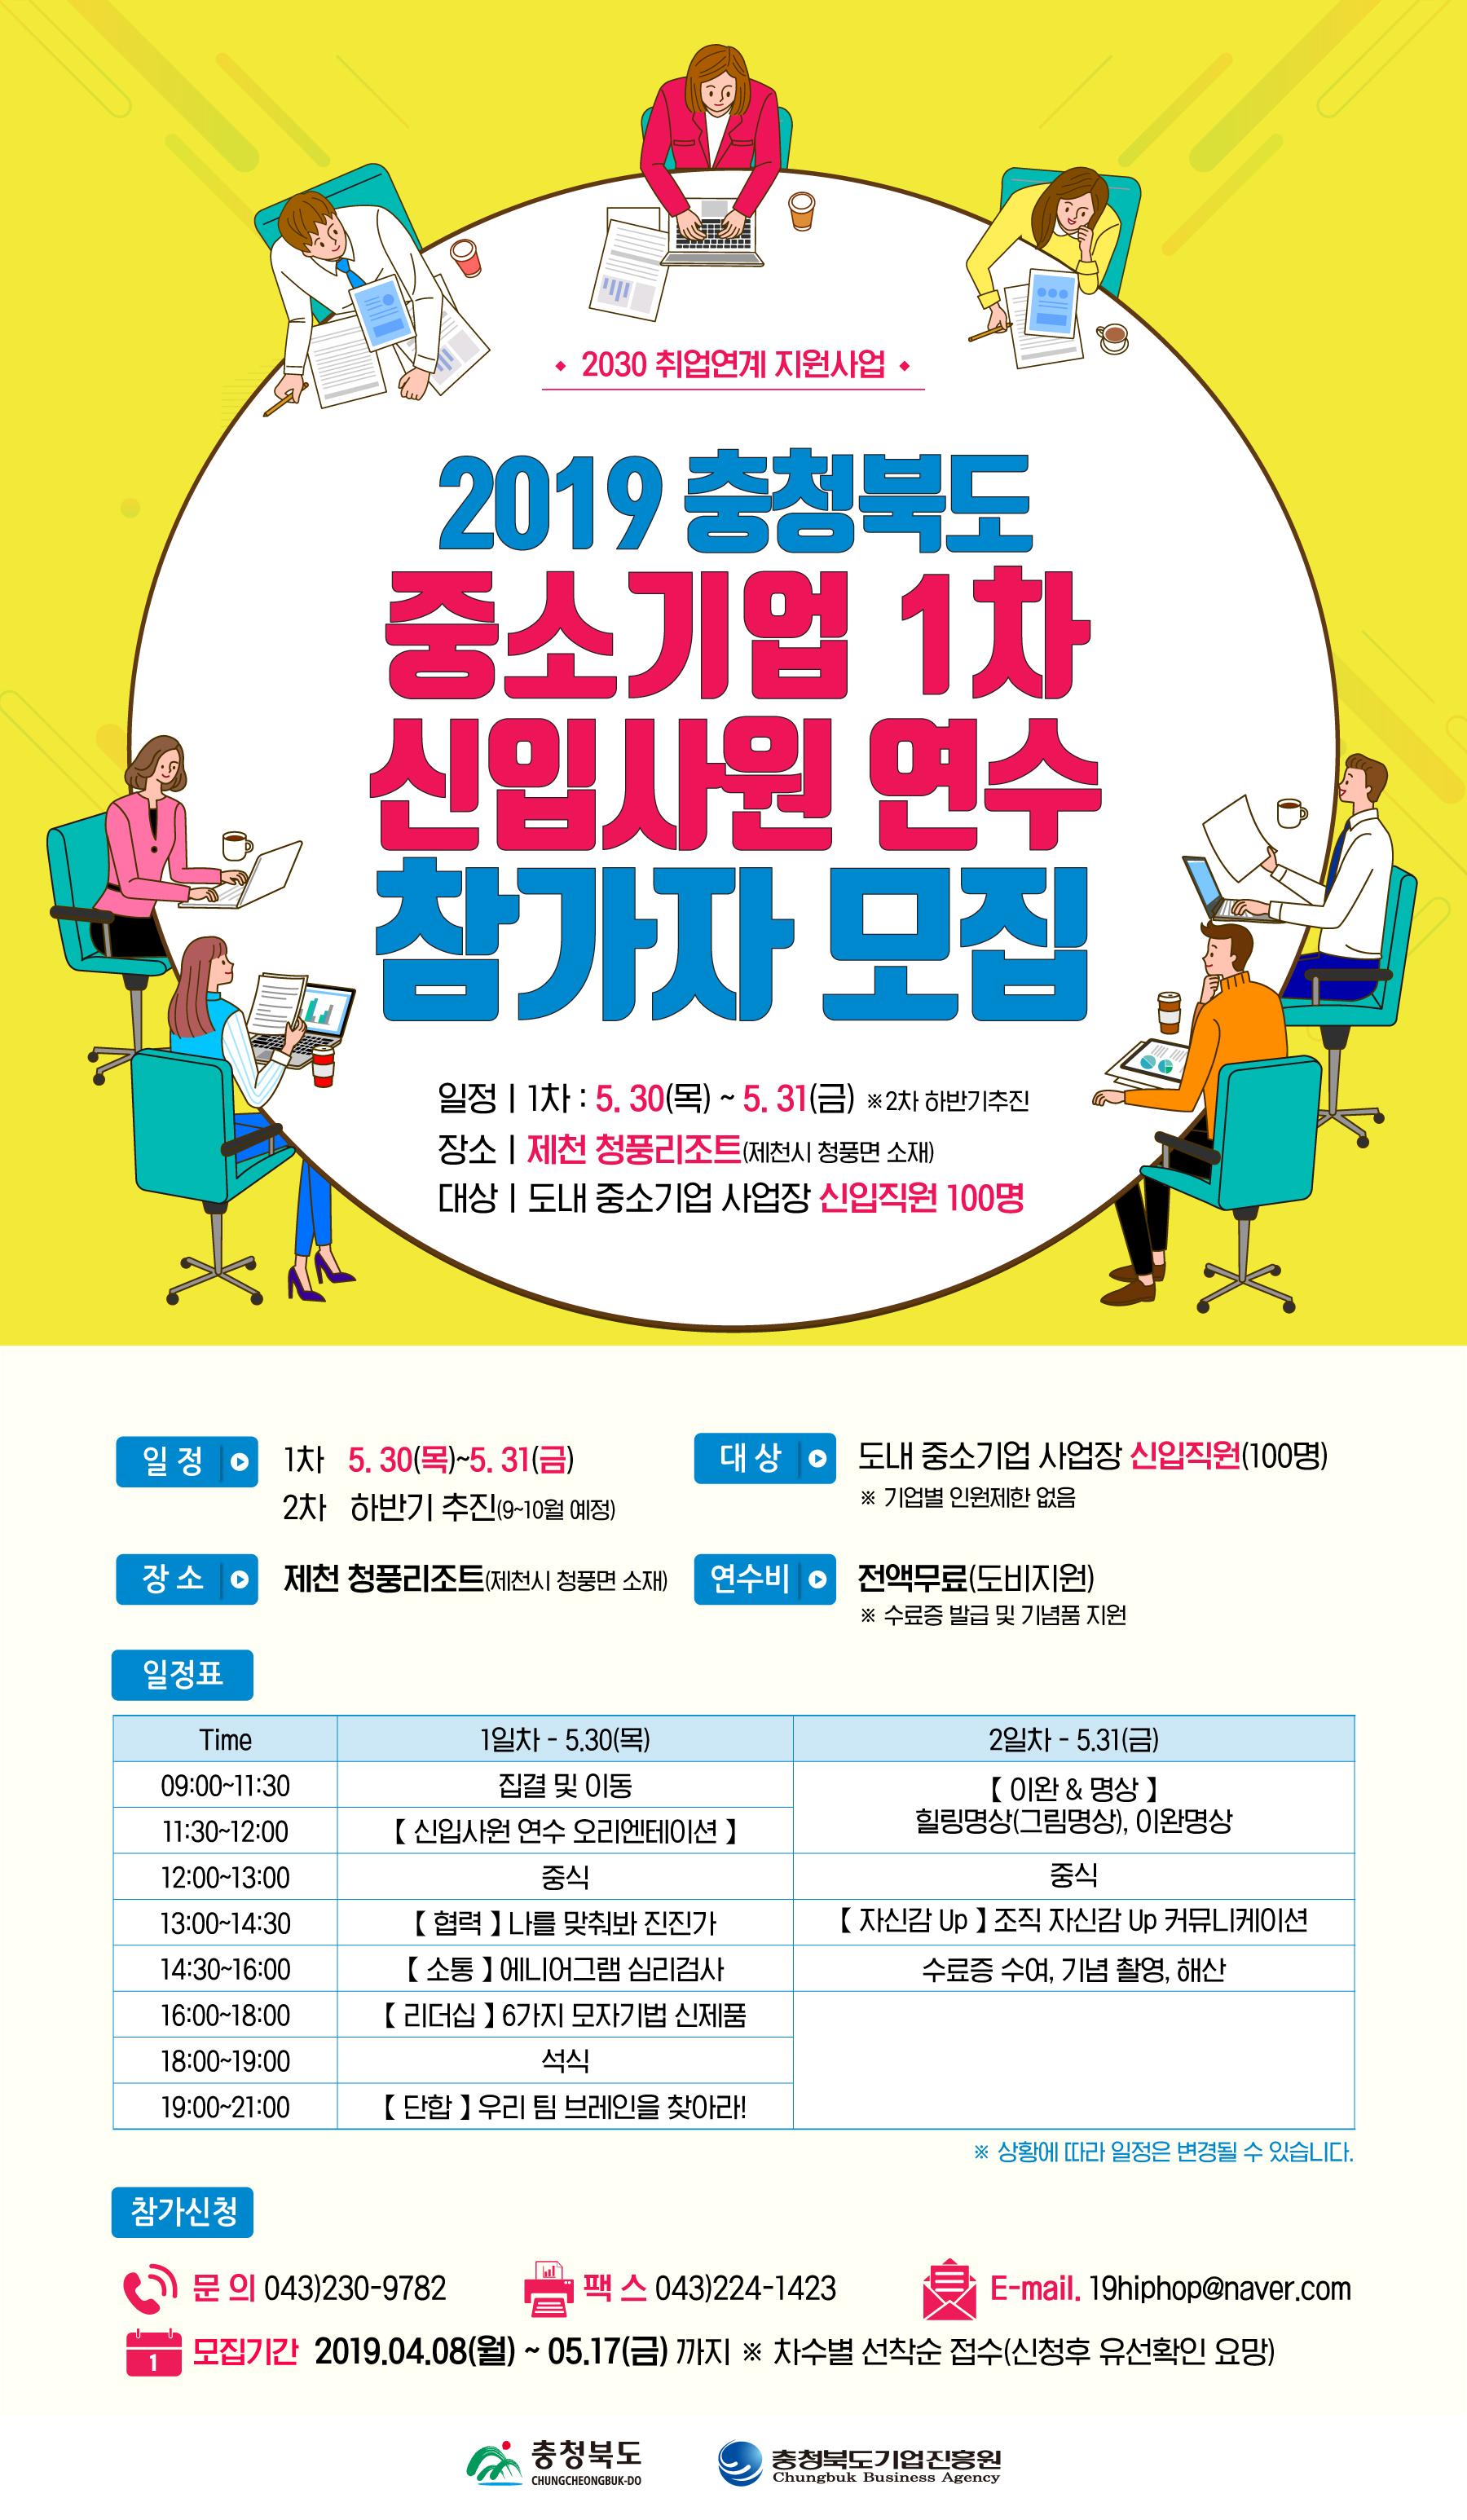 2019년 제 1차 충청북도 중소기업 신입사원 연수 홍보 [이미지]